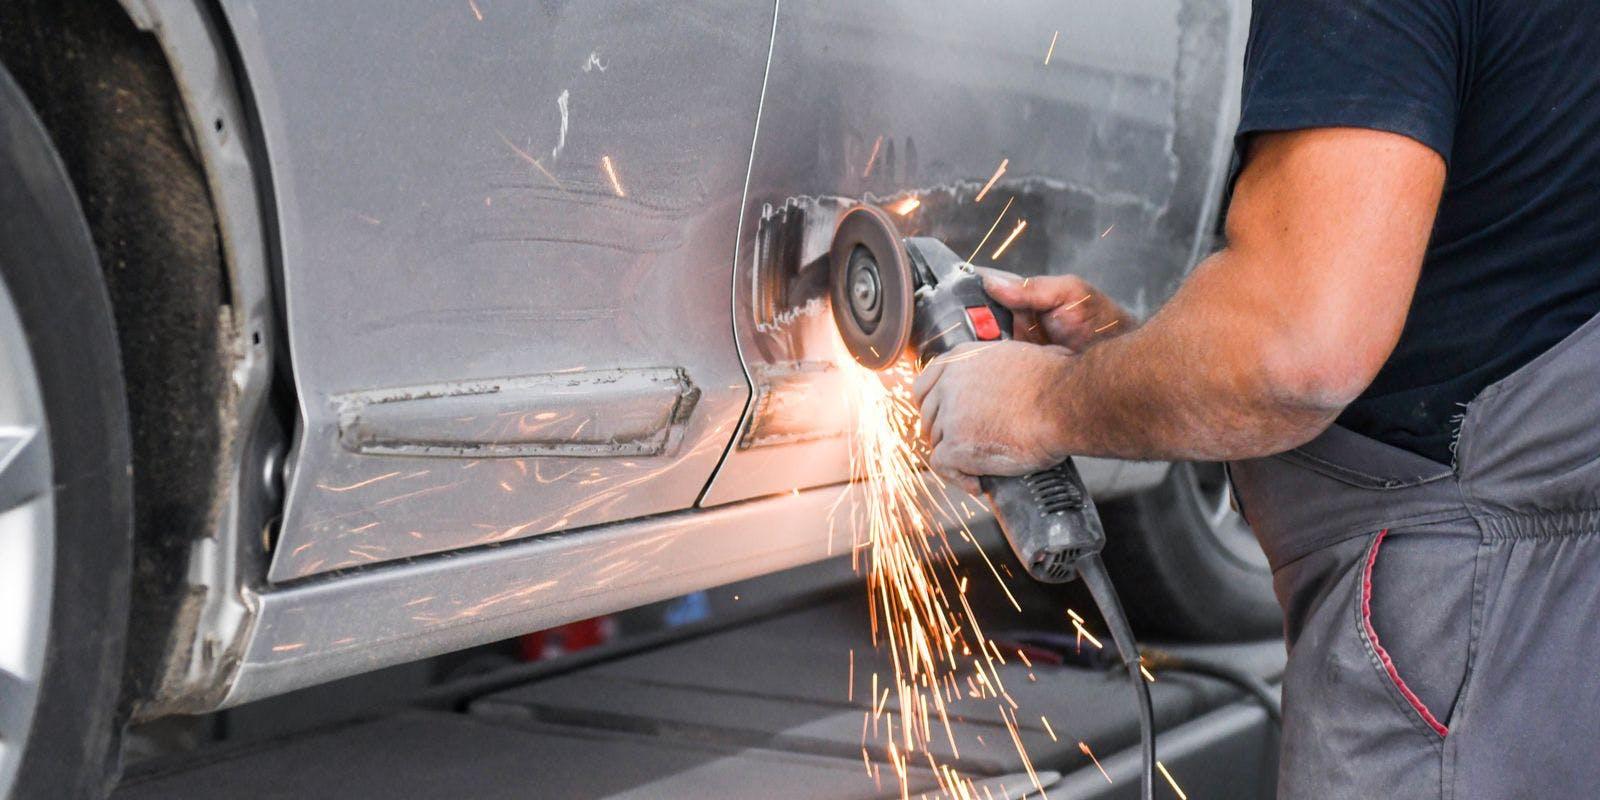 Who Repairs A Lease Car?